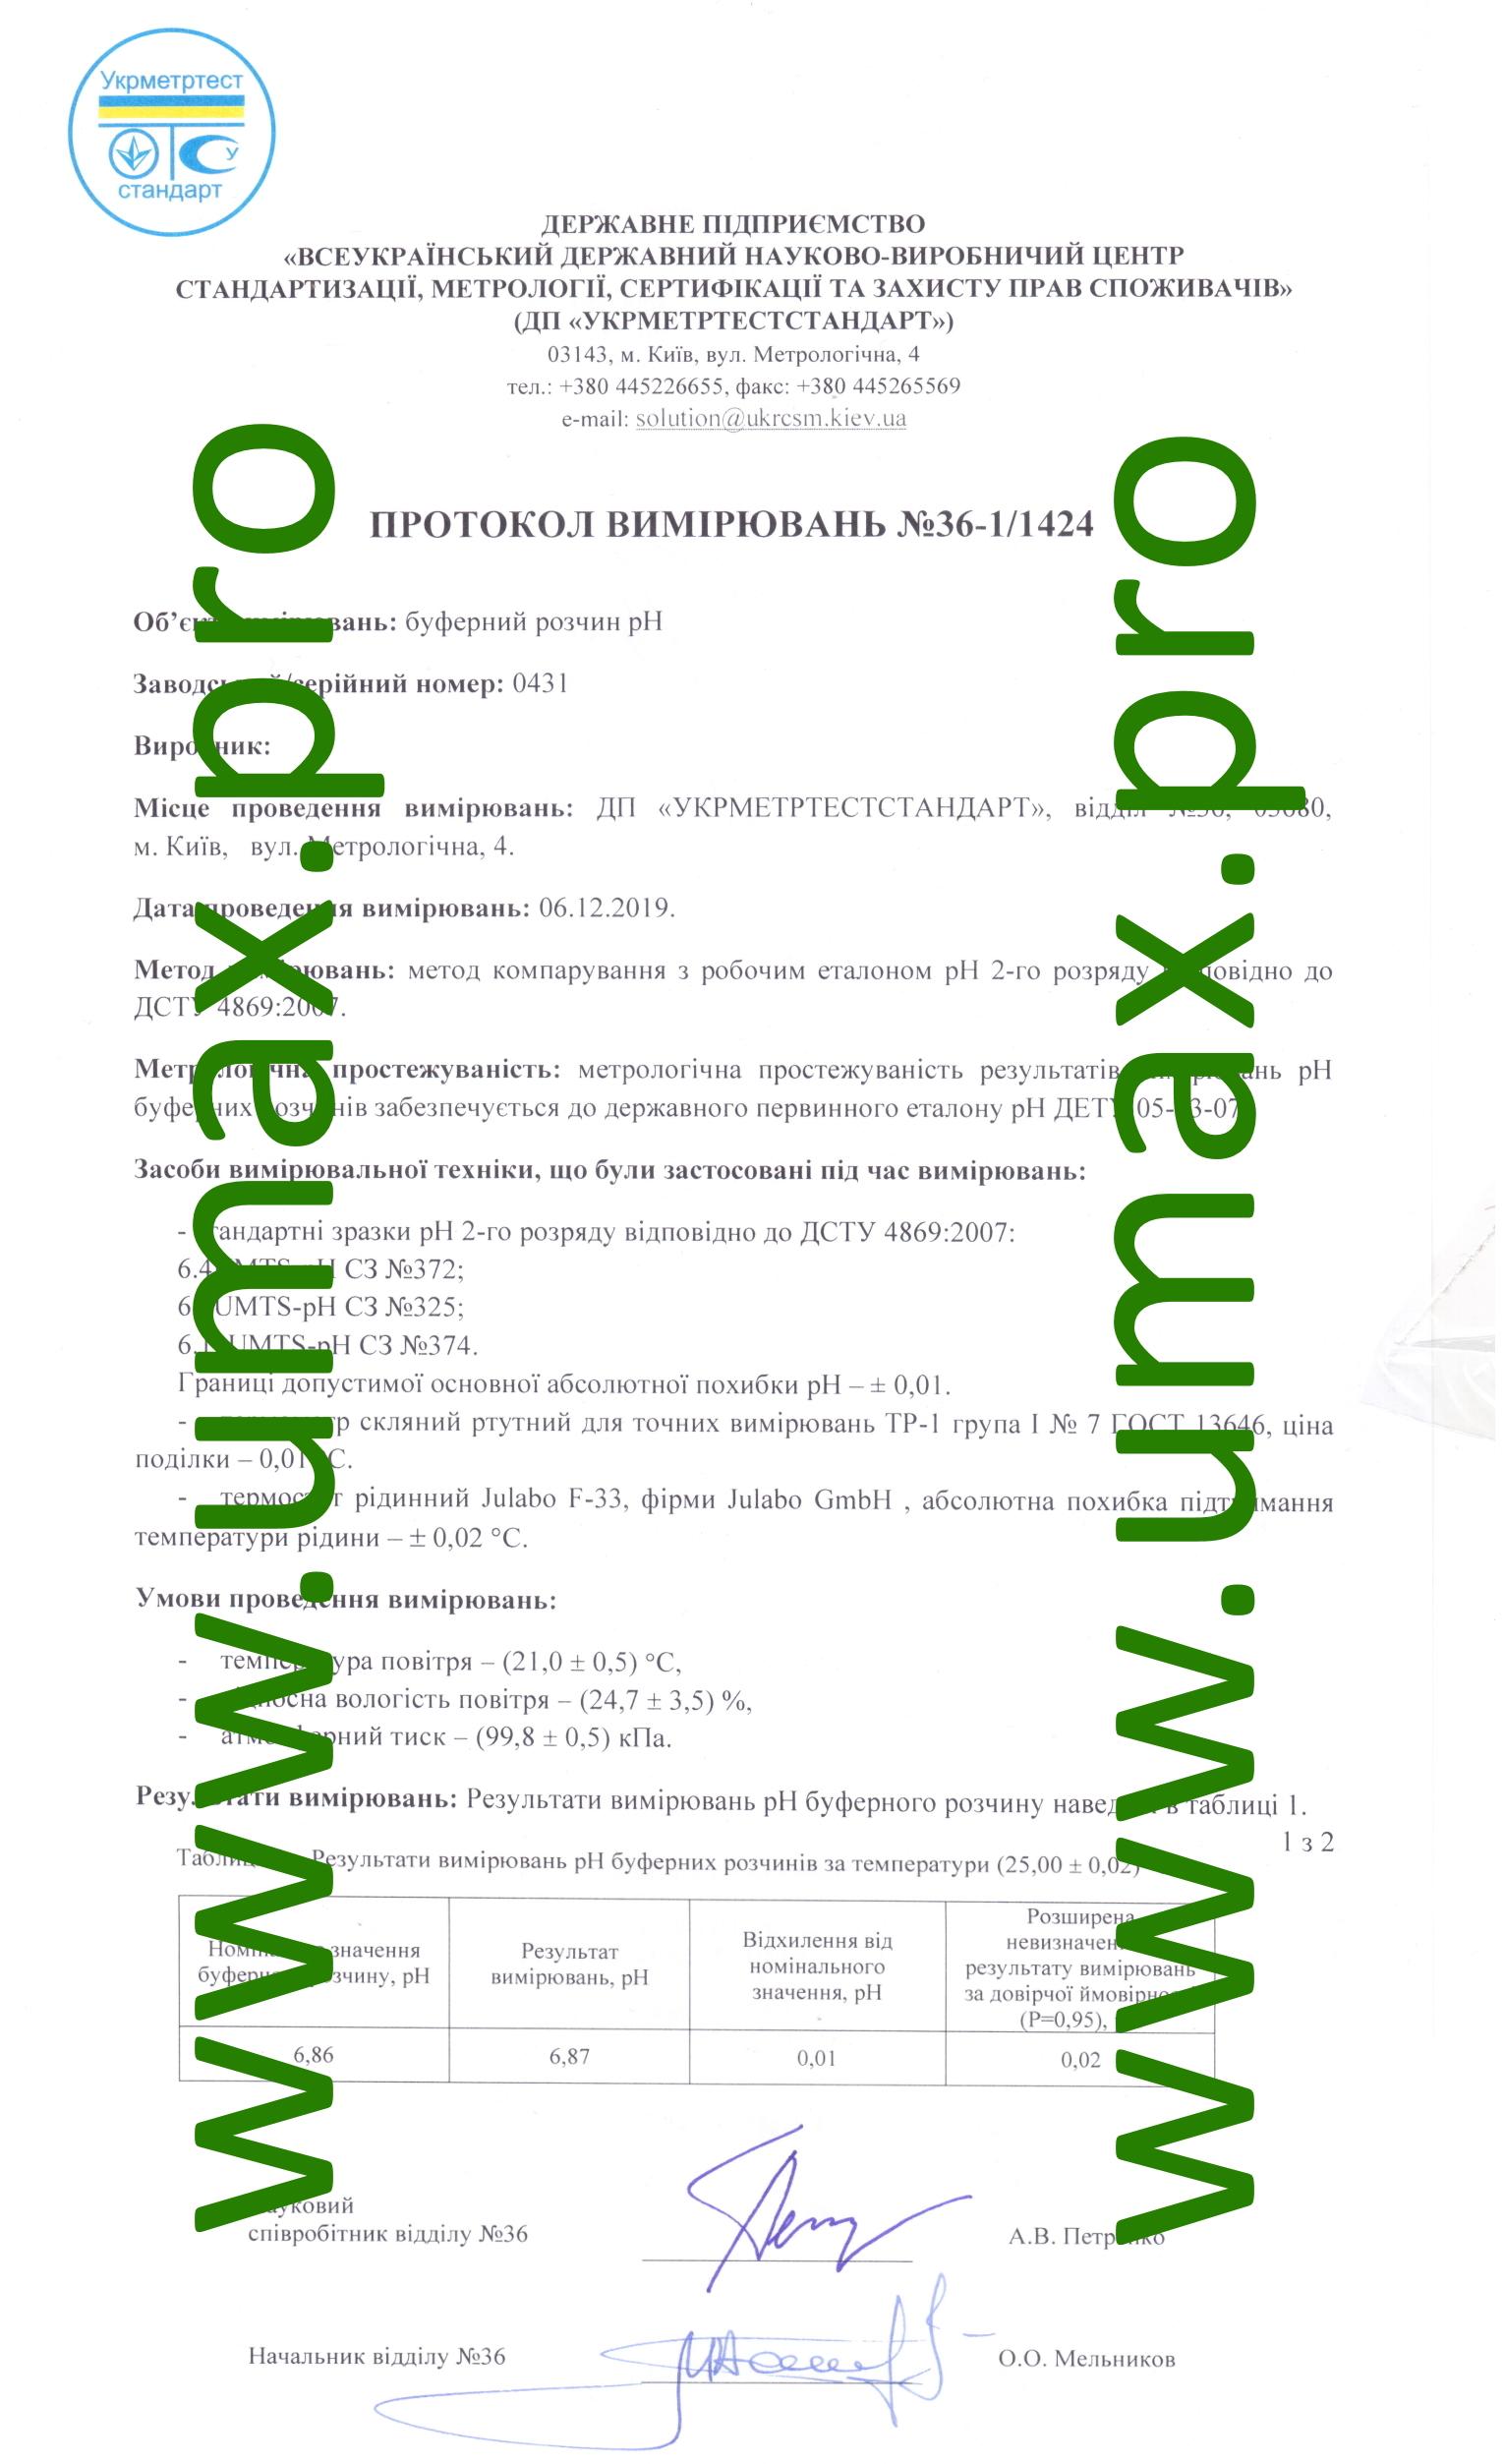 Протокол измерений номиналов калибровочных буферных растворов 6.86 рН